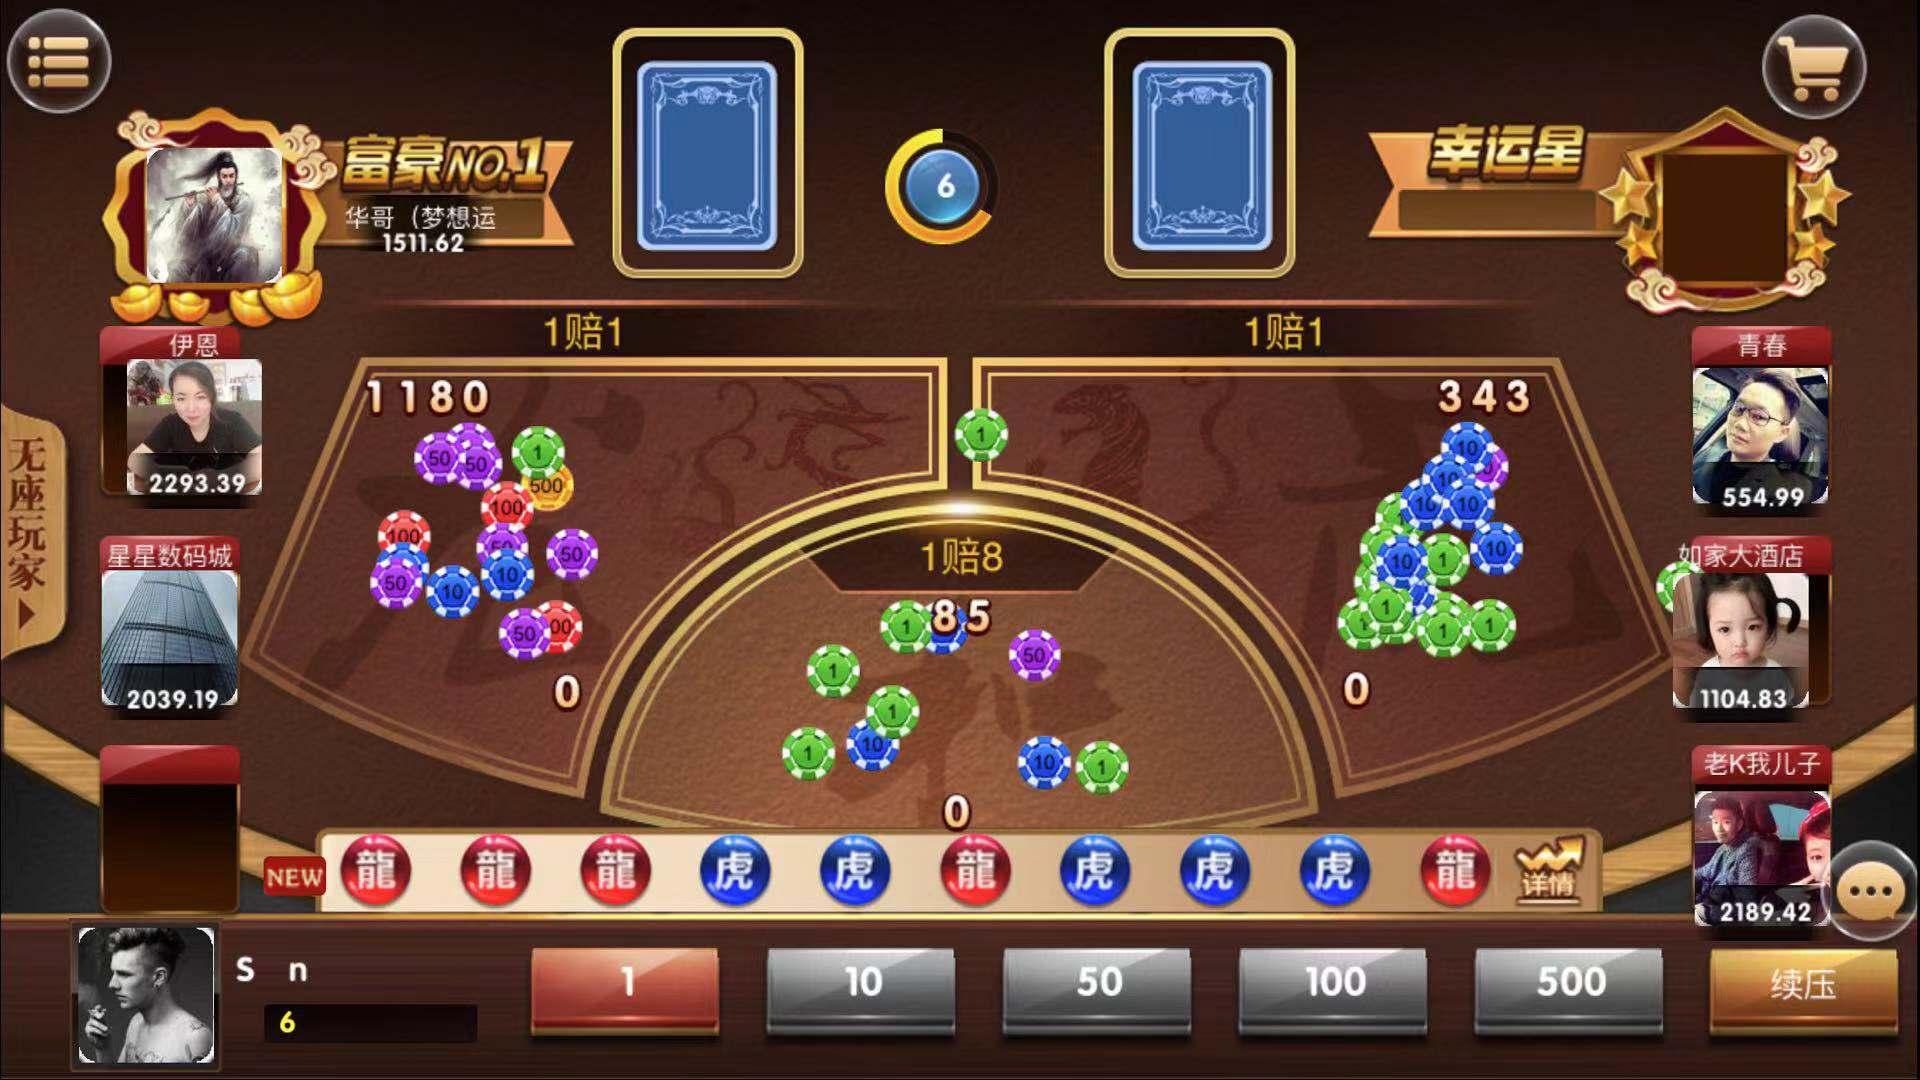 手机棋牌游戏开发